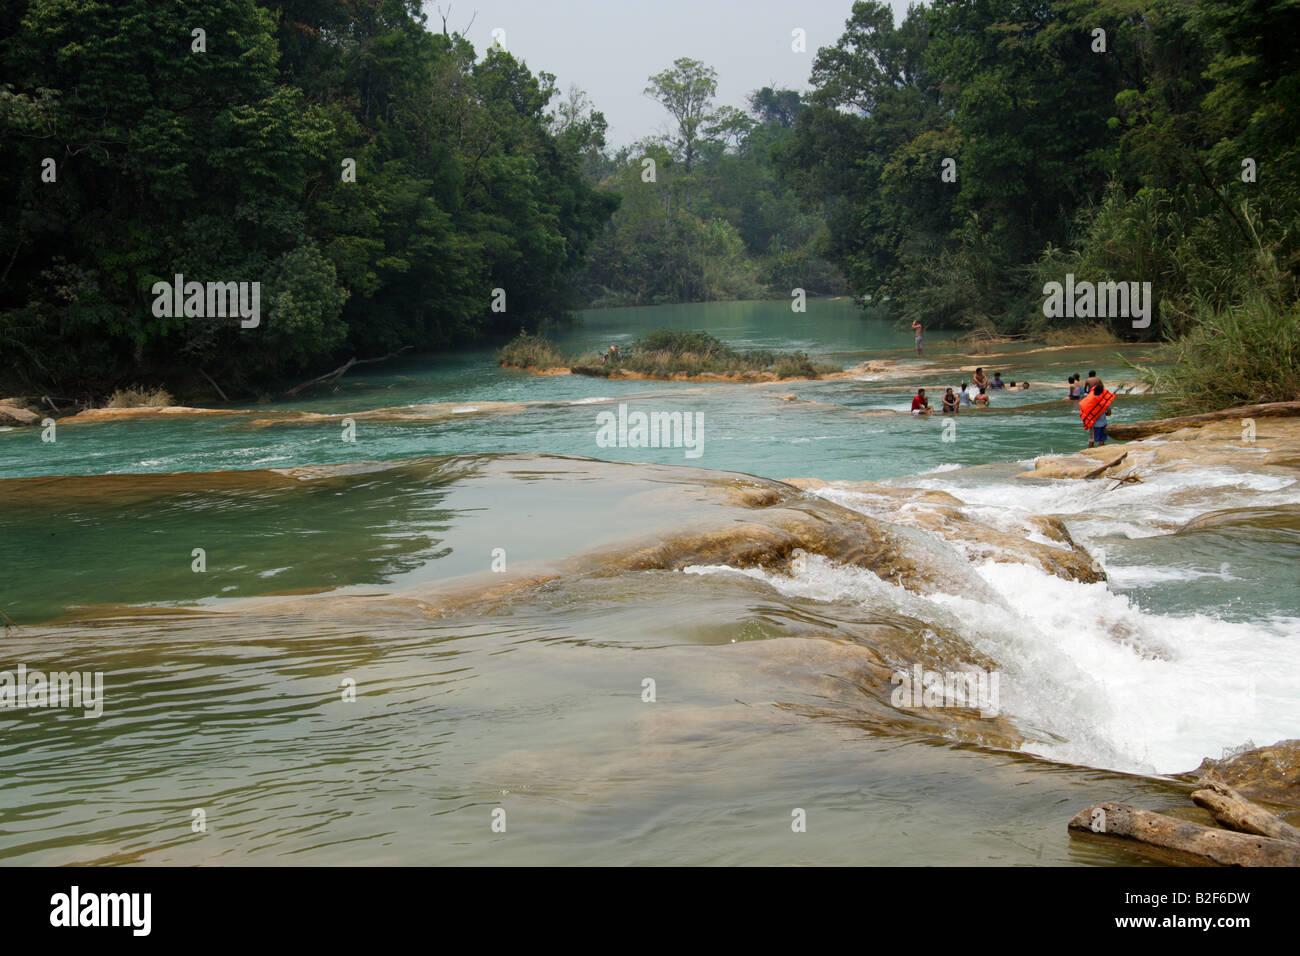 The Cataratas de Agua Azul, Nr Palenque, Chiapas State, Mexico. Stock Photo